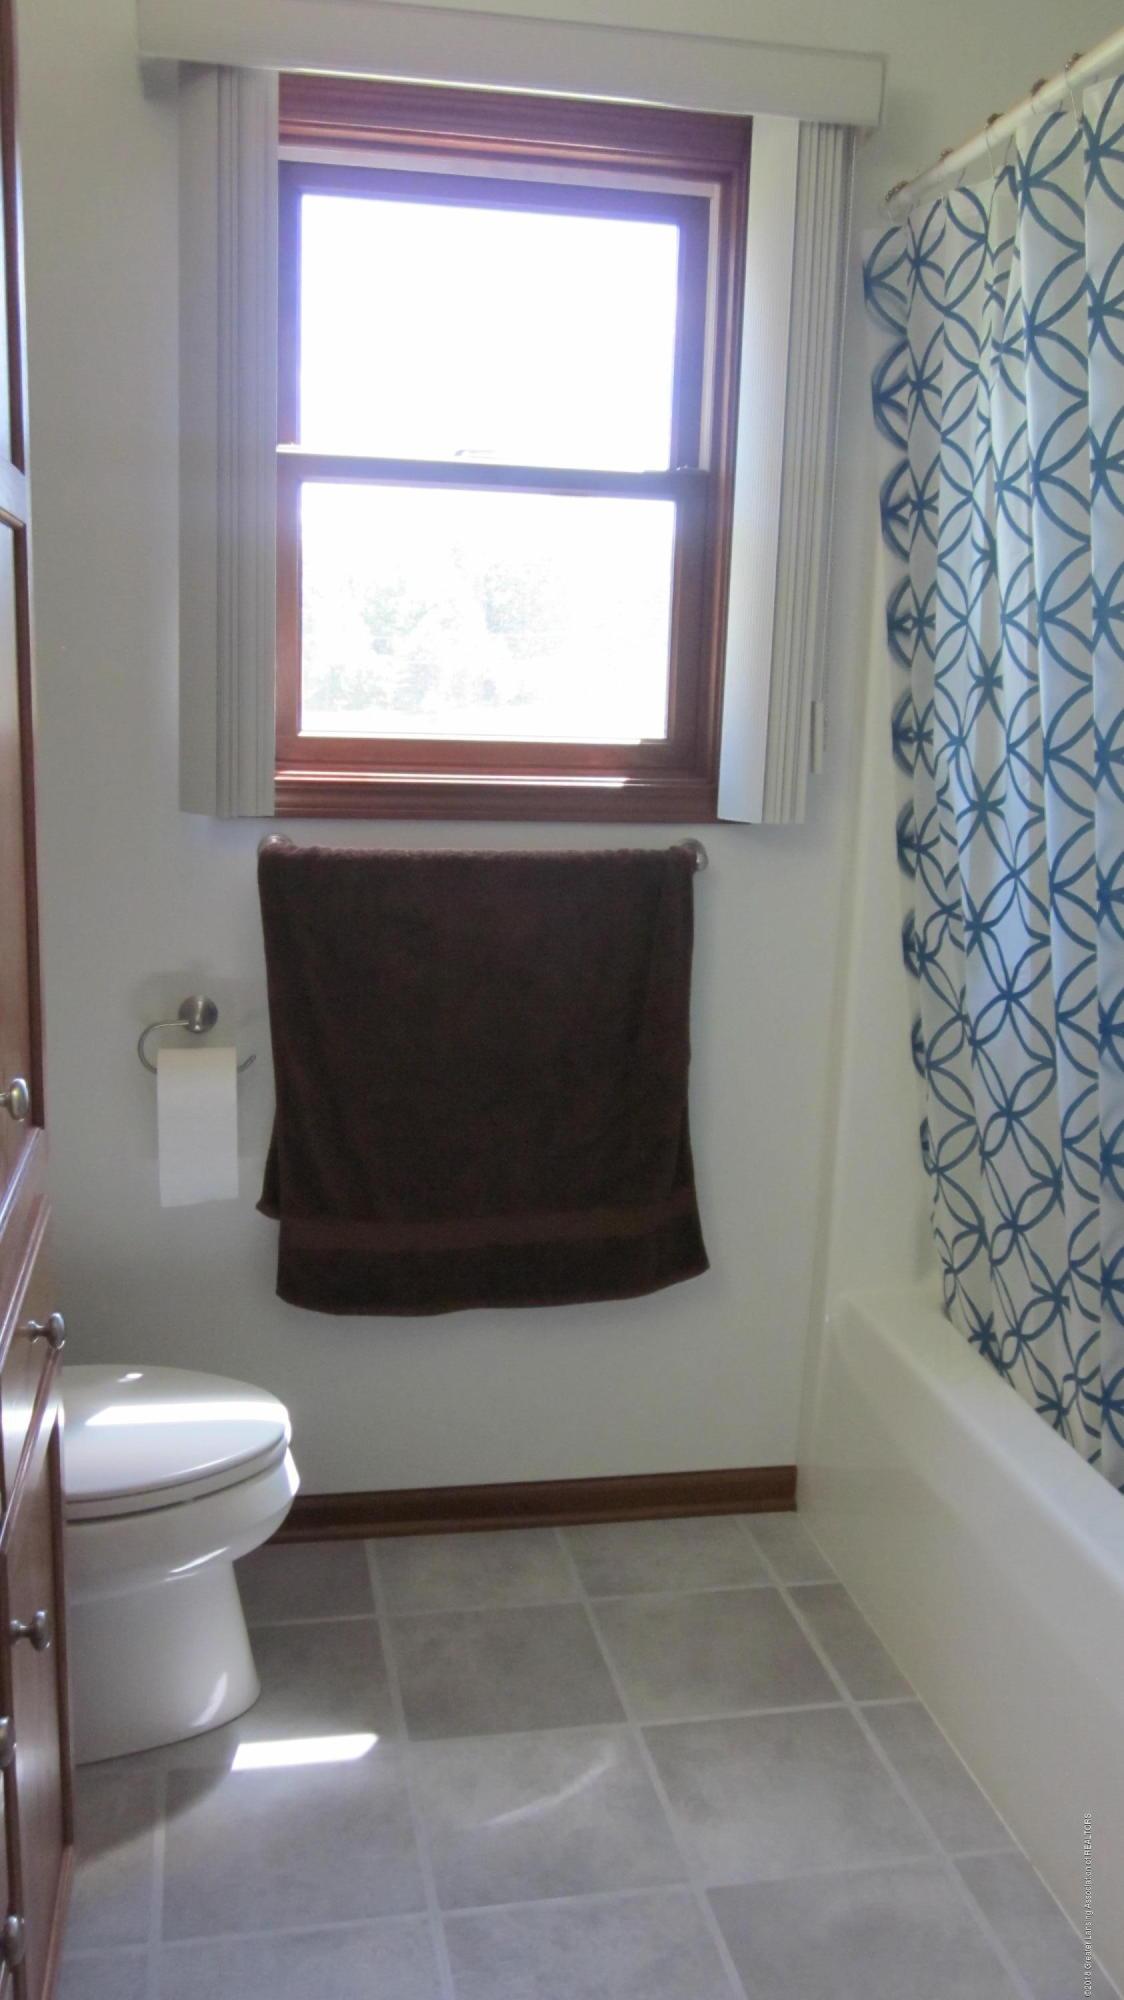 5384 S Stine Rd - full bath tub - 21